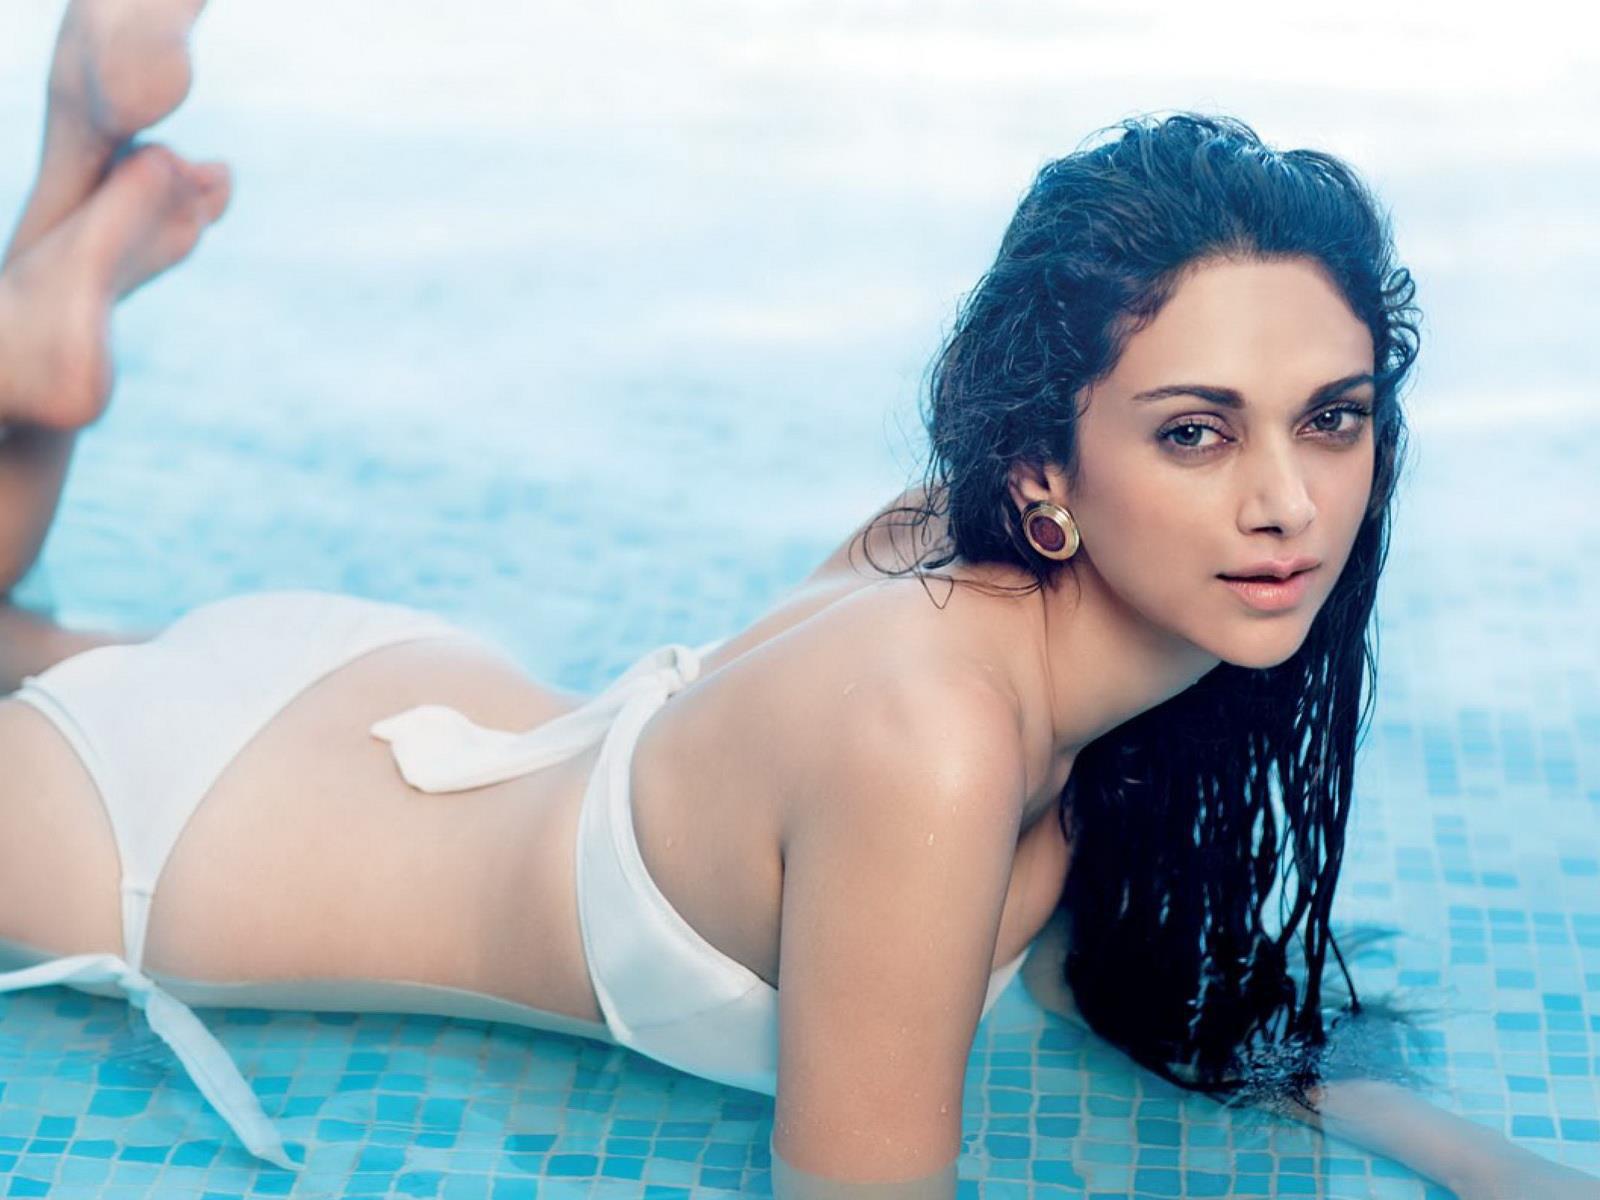 Indian Actress Hd Wallpaper In Bikini The League Season 5 Episode